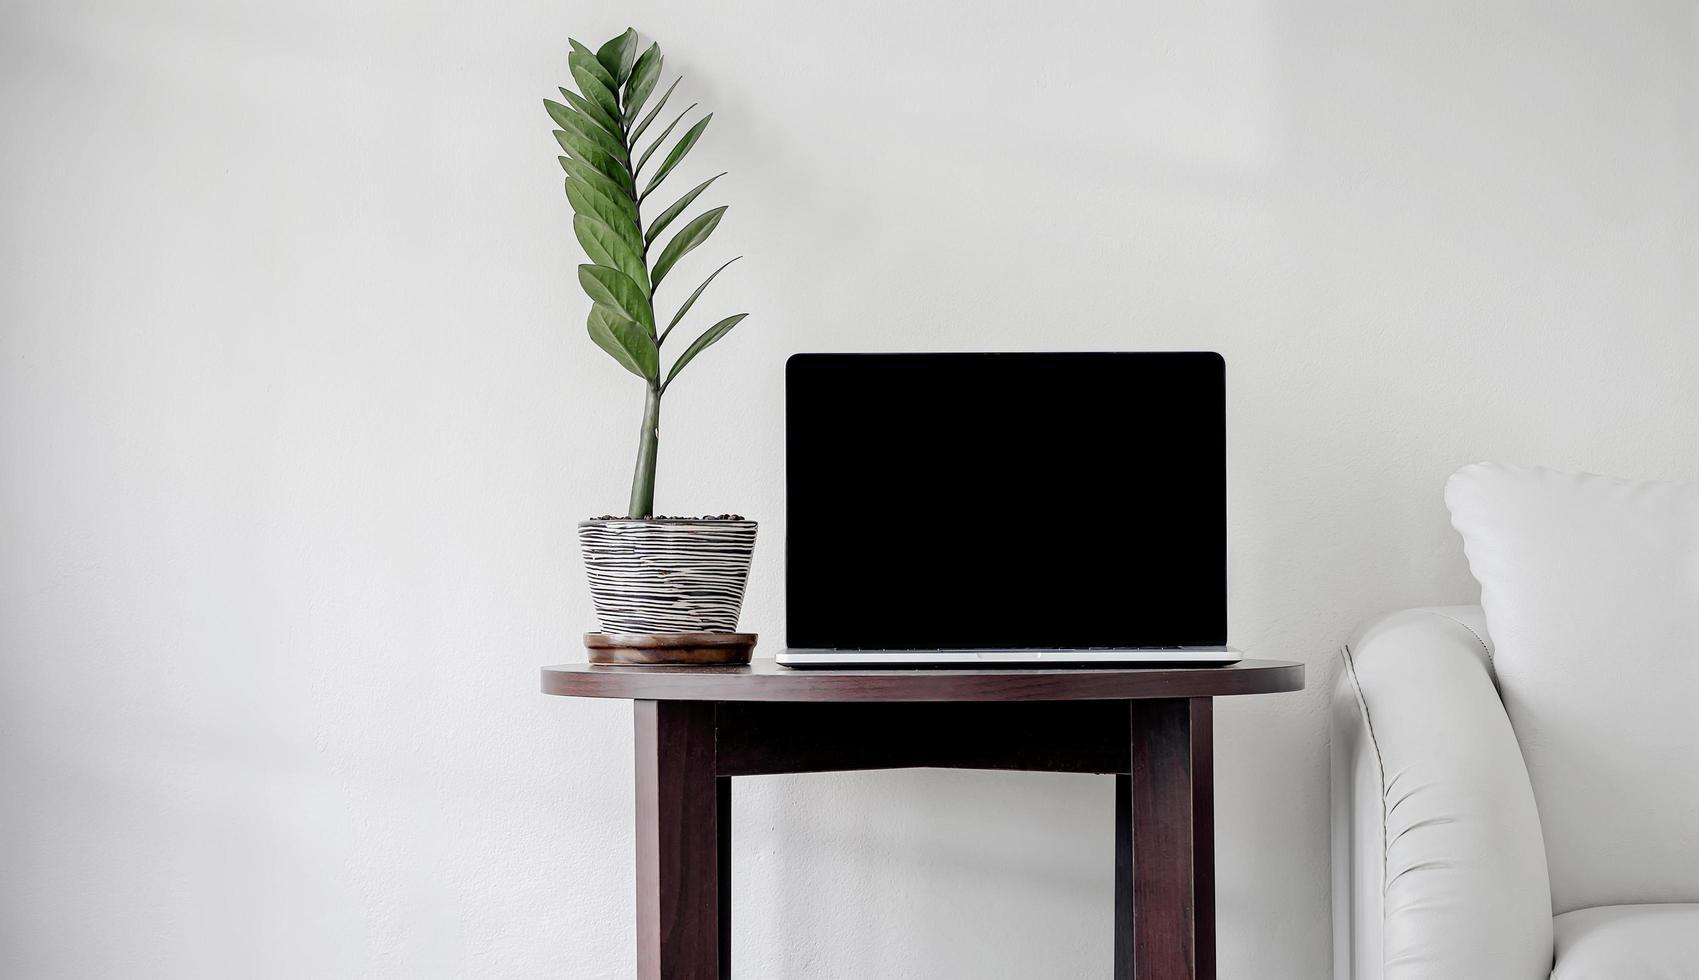 schwarzer Bildschirm Laptop auf minimaler weißer Wand foto